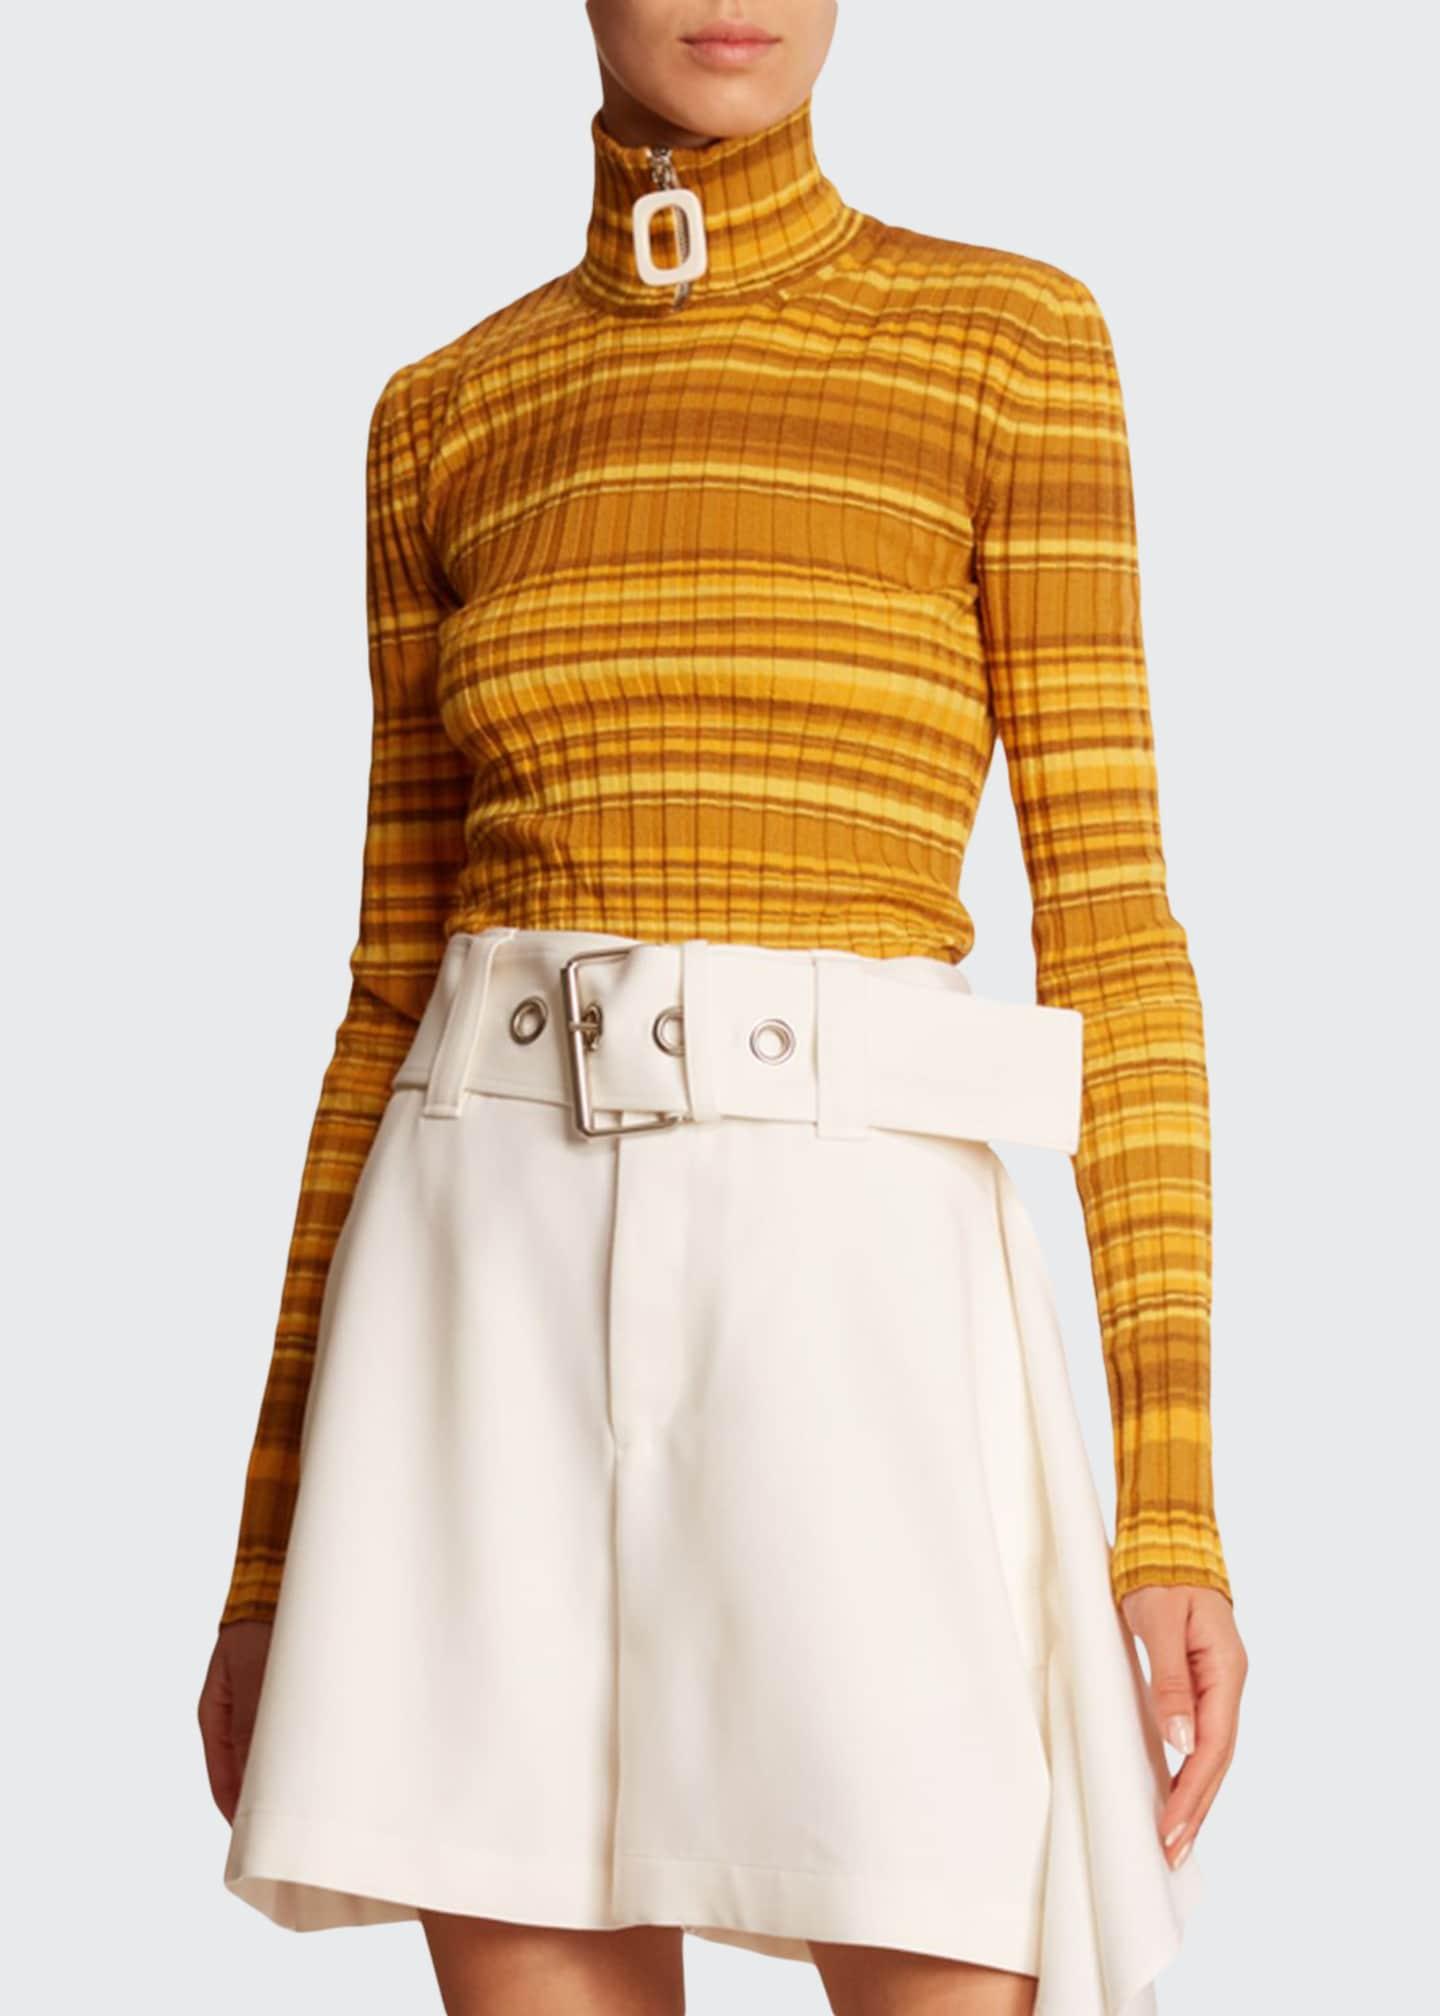 JW Anderson Striped Wool Zip-Turtleneck Sweater